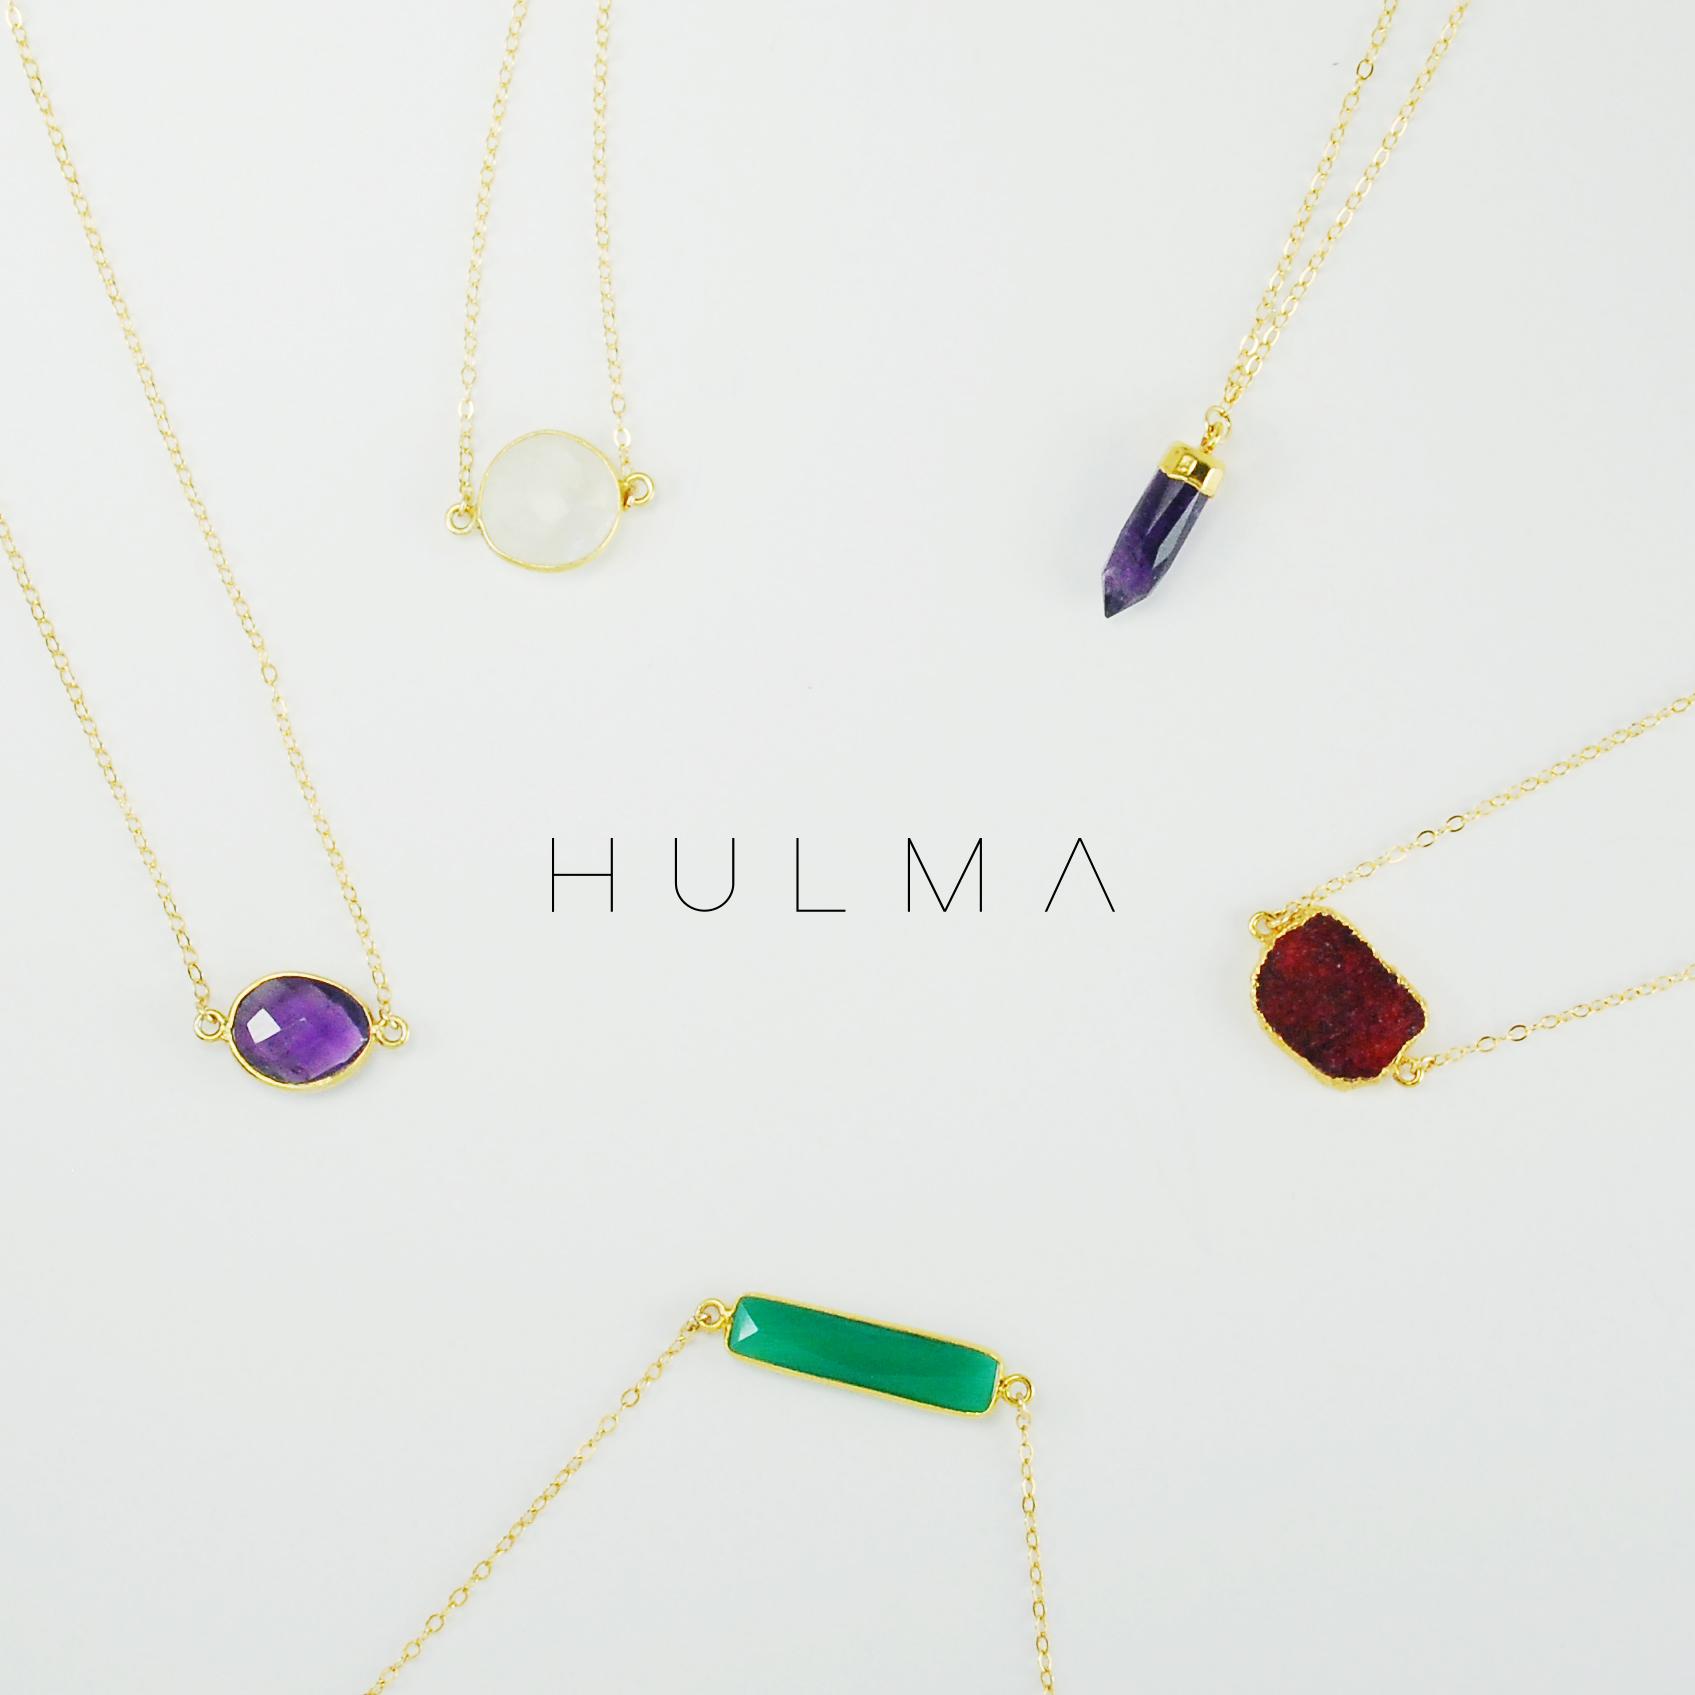 Hulma_1